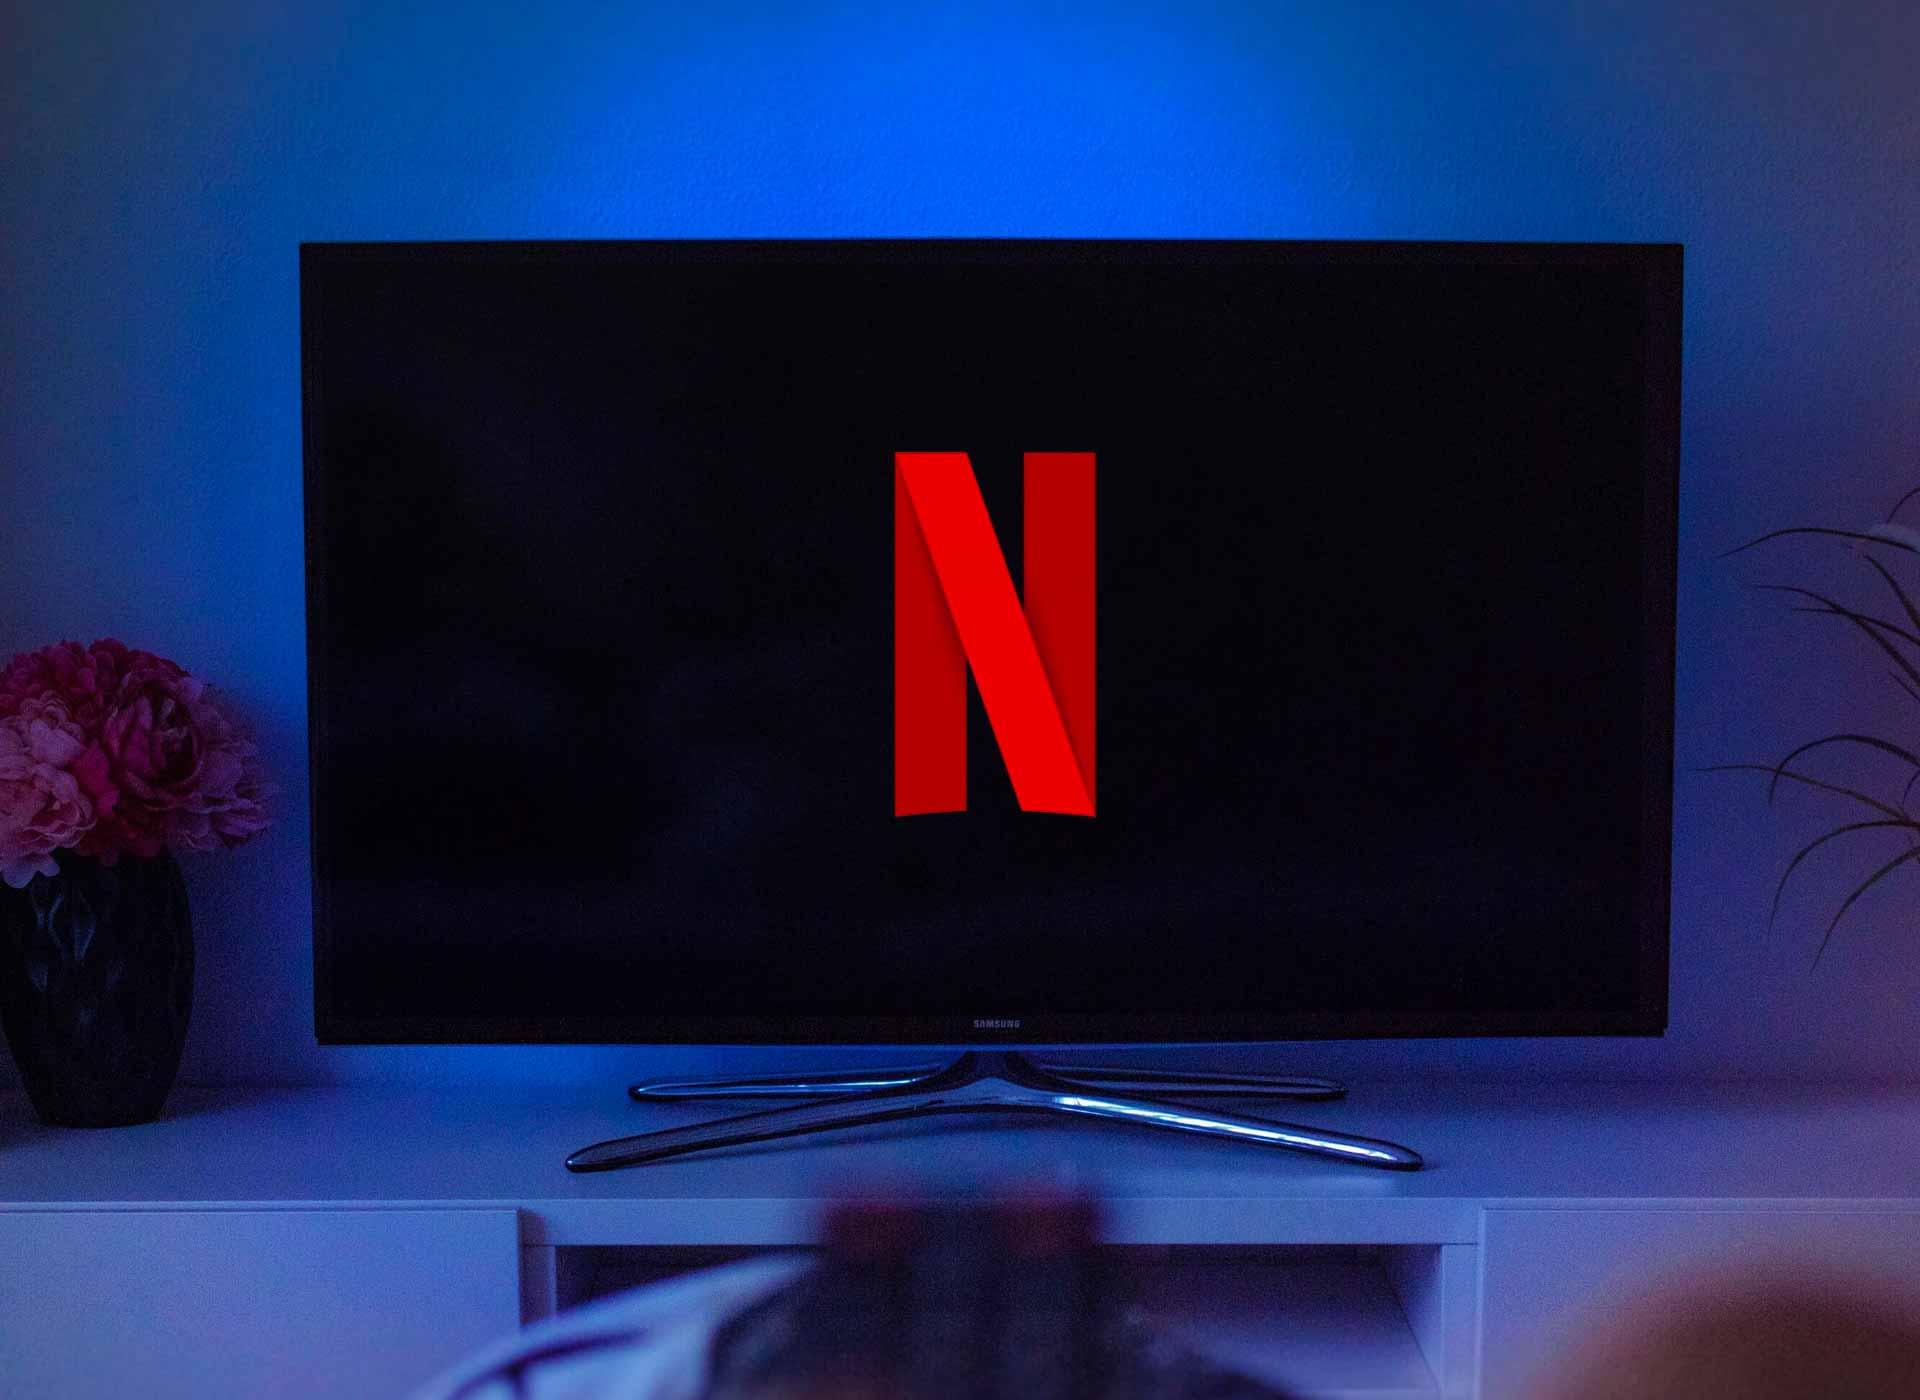 Netflix sur un téléviseur